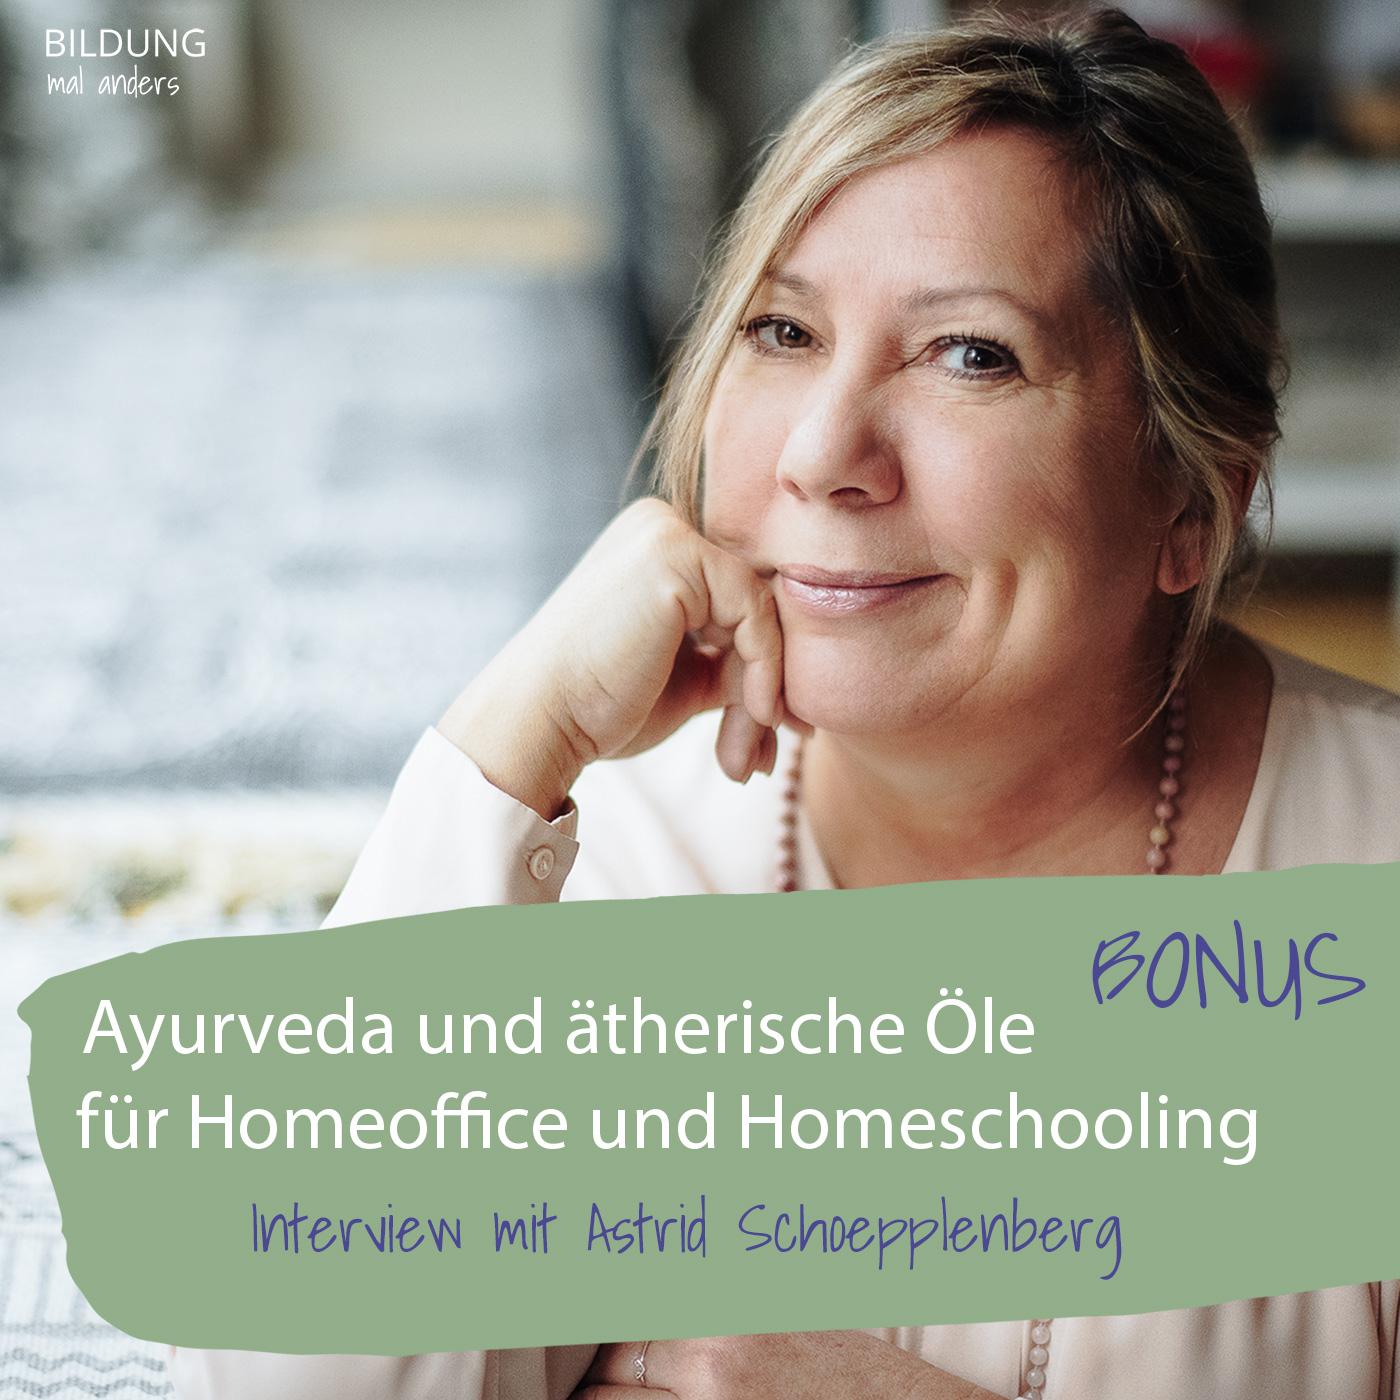 Bonusfolge 005: Ayurveda & ätherische Öle für Homeschooling & Homeoffice mit Astrid Schoepplenberg